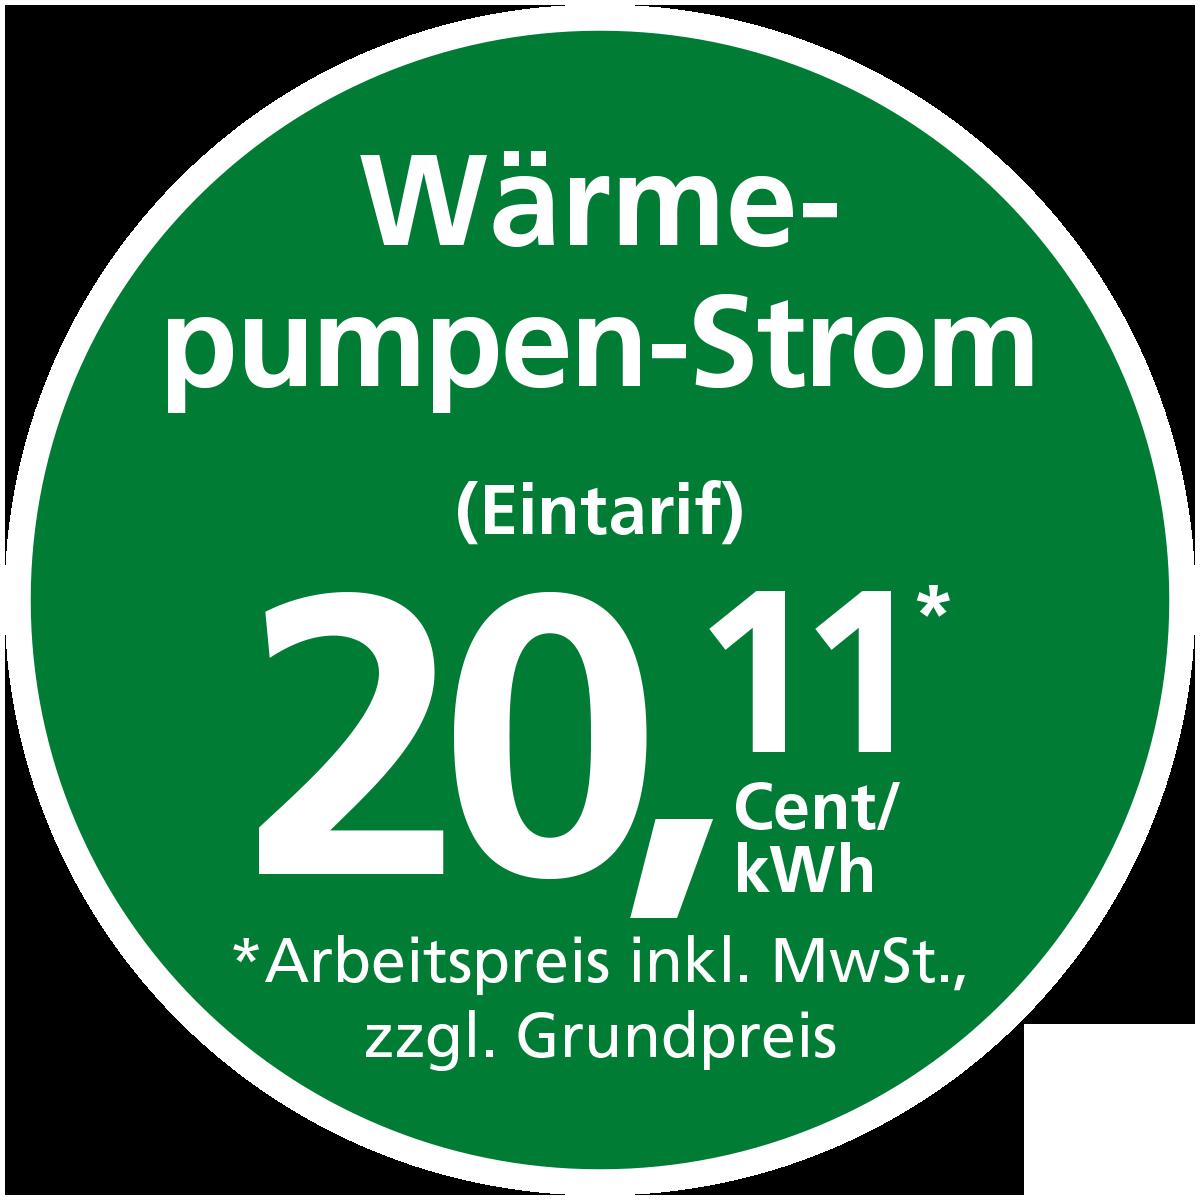 Stadtwerke Winnenden: Wärmepumpen-Ökostrom